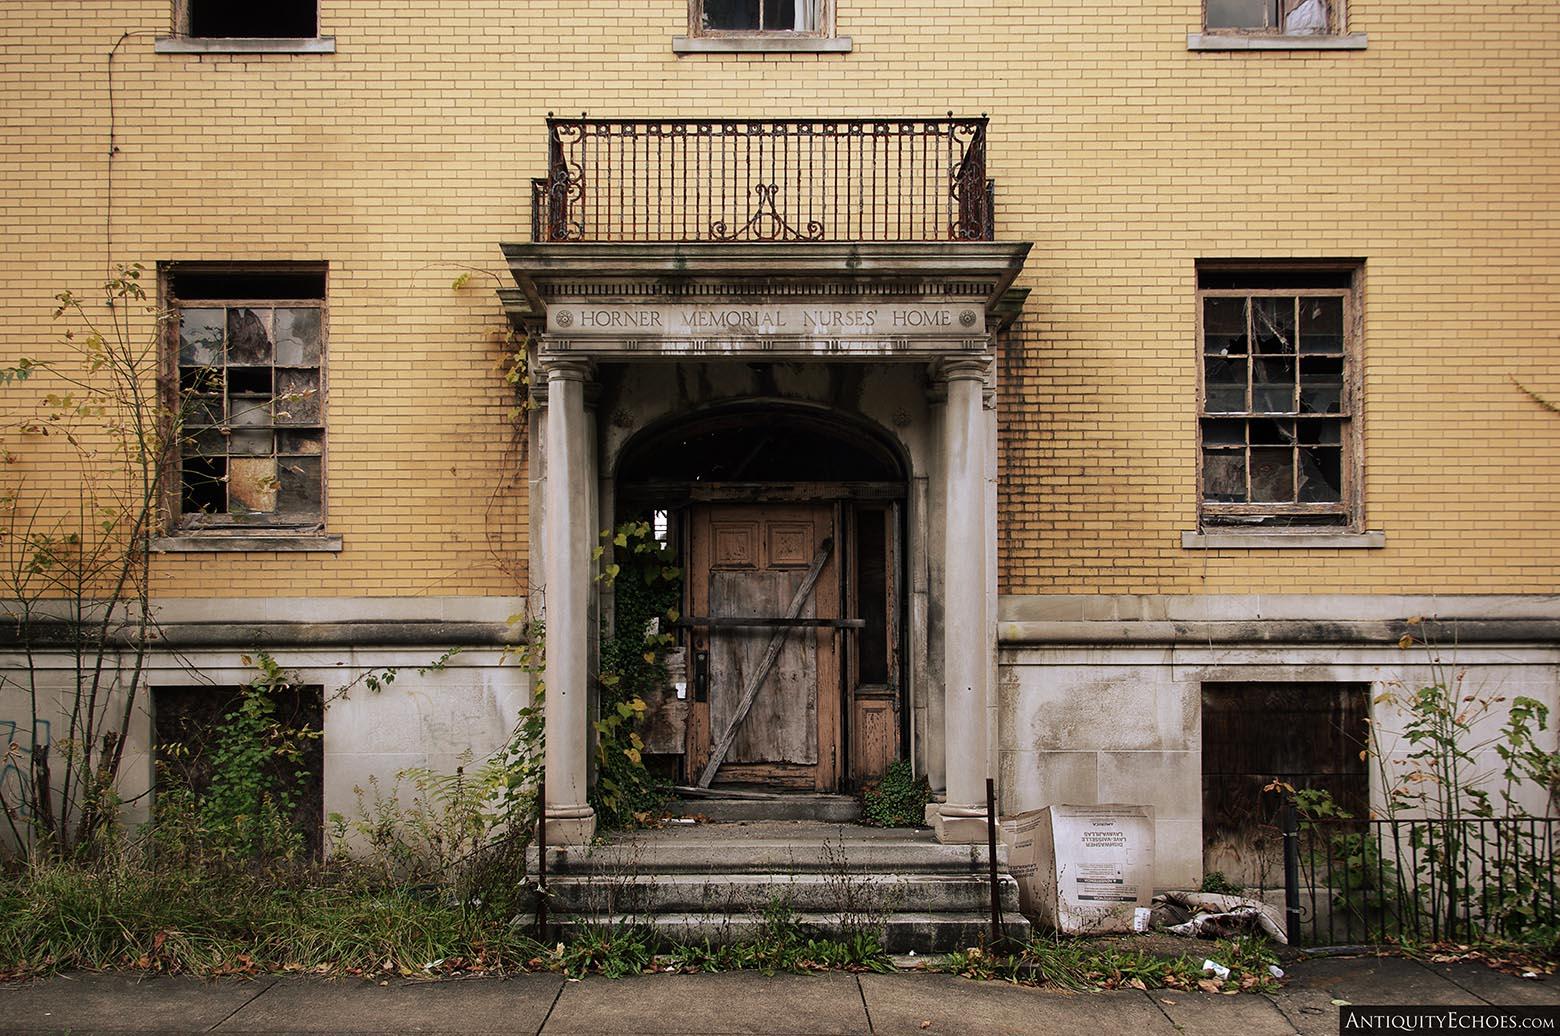 Brownsville General Hospital - Nurses' Home Entrance